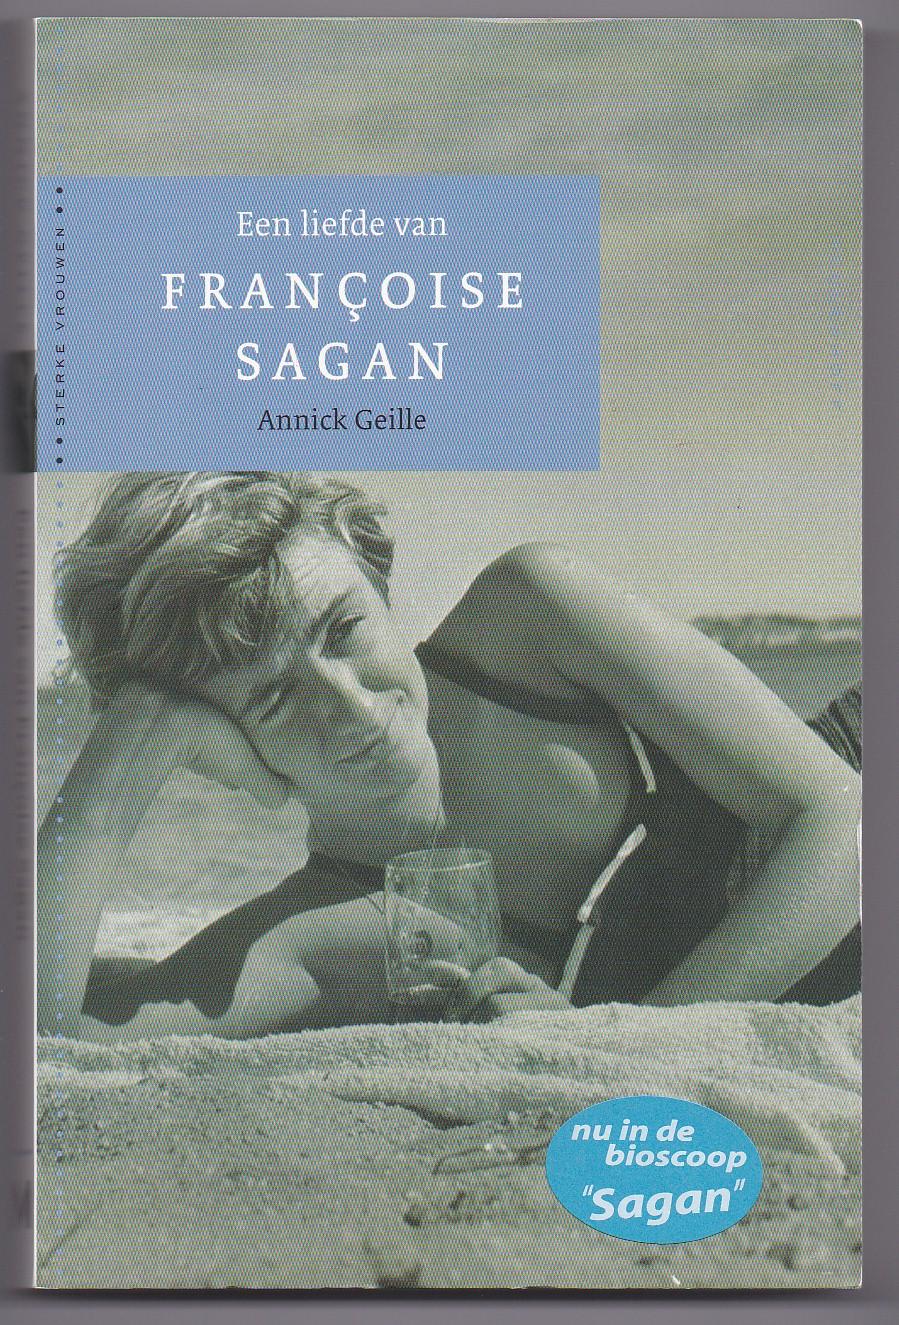 GEILLE, ANNICK - Een liefde van Francoise Sagan. Vertaald door Hanneke Los